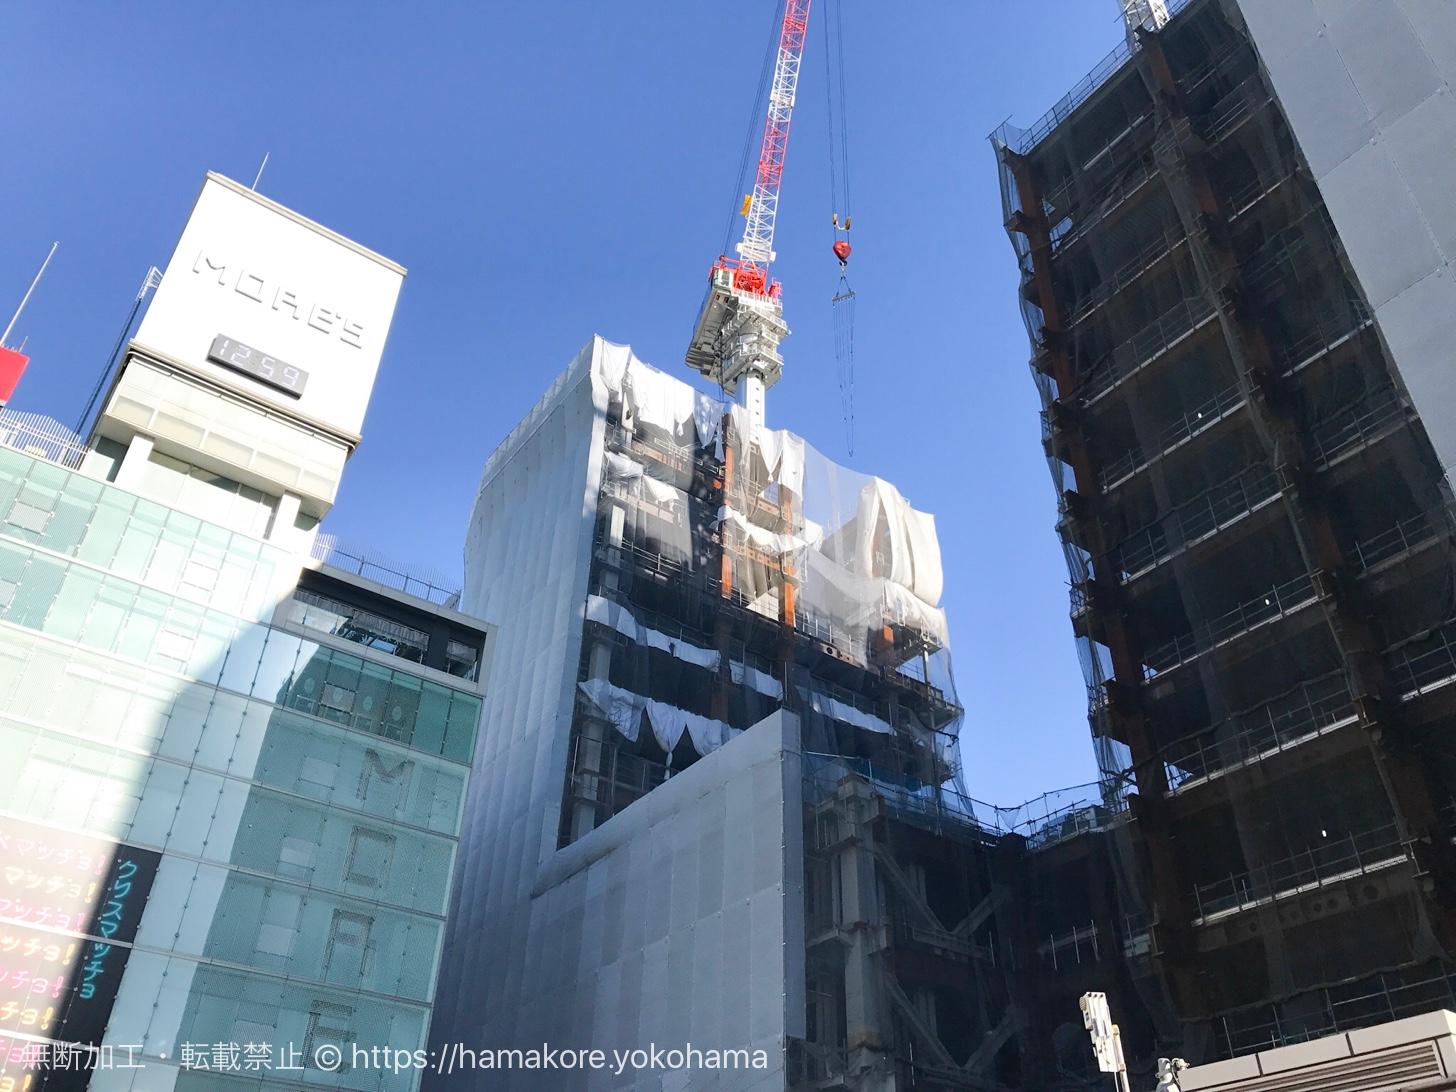 地上から見た横浜駅西口の駅ビル モアーズ側